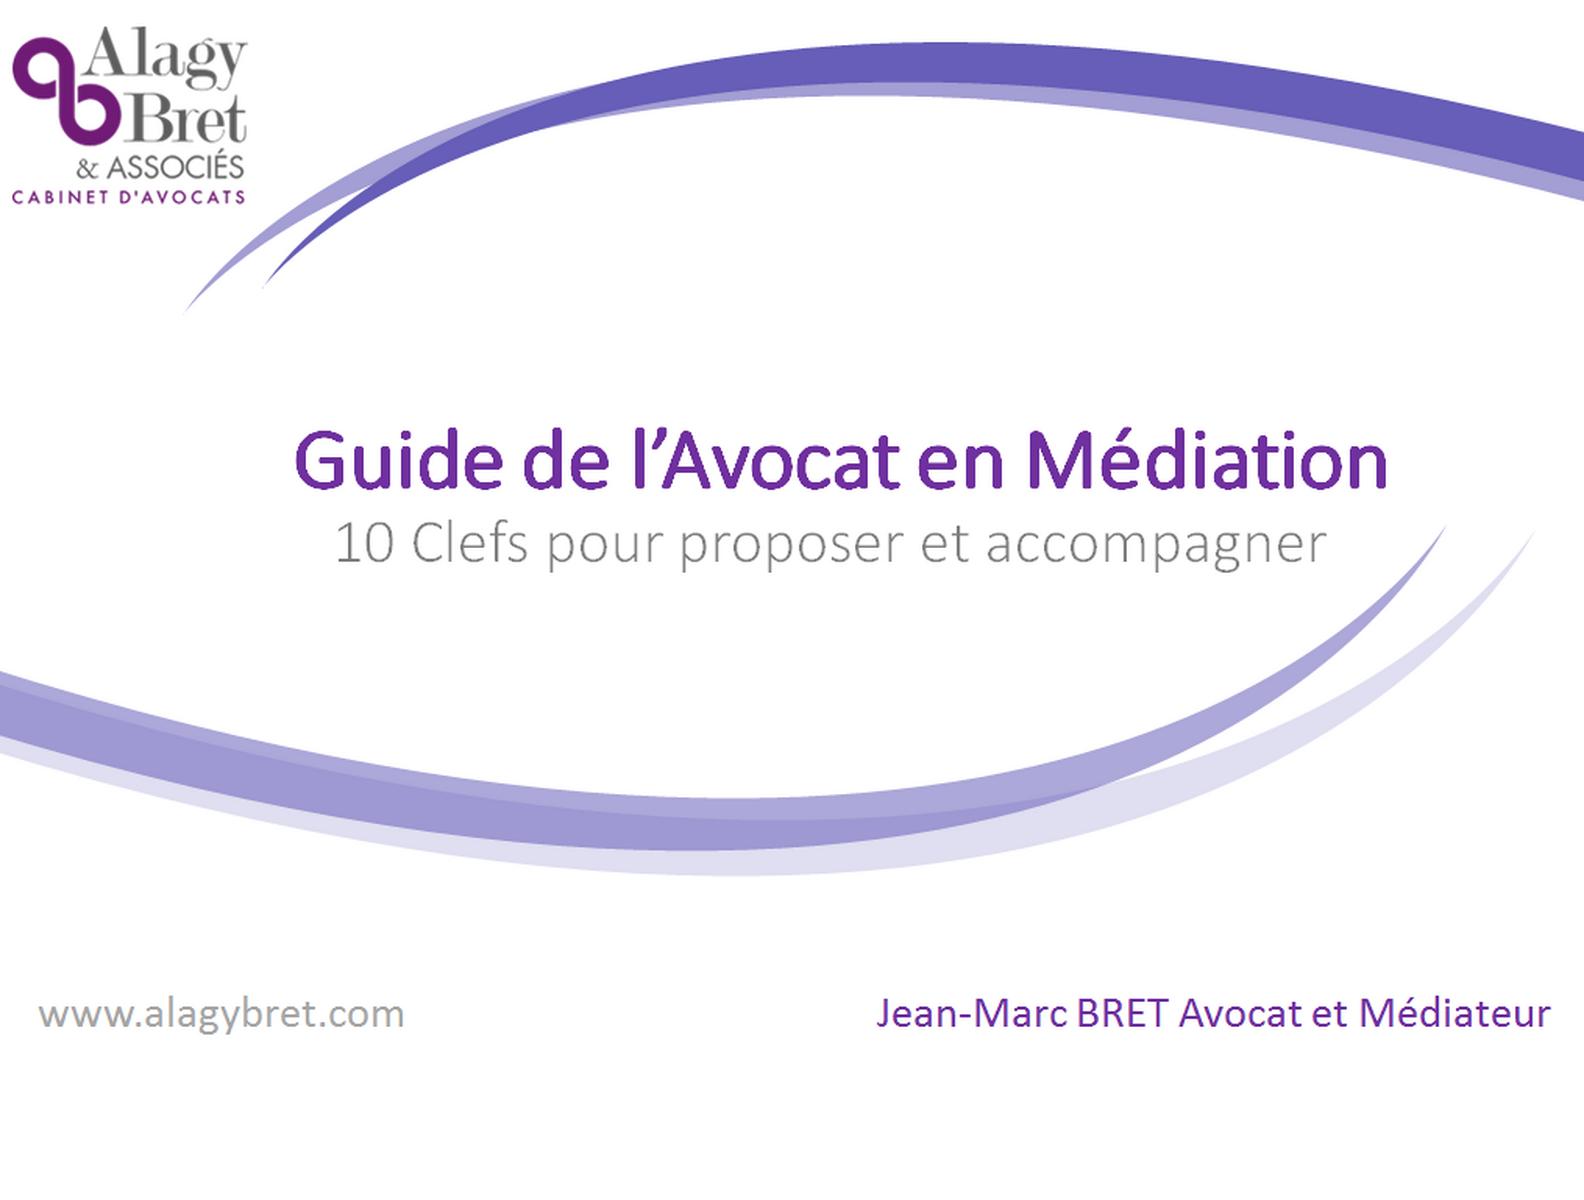 Guide de l'Avocat en Médiation: 10 Clefs pour proposer et accompagner